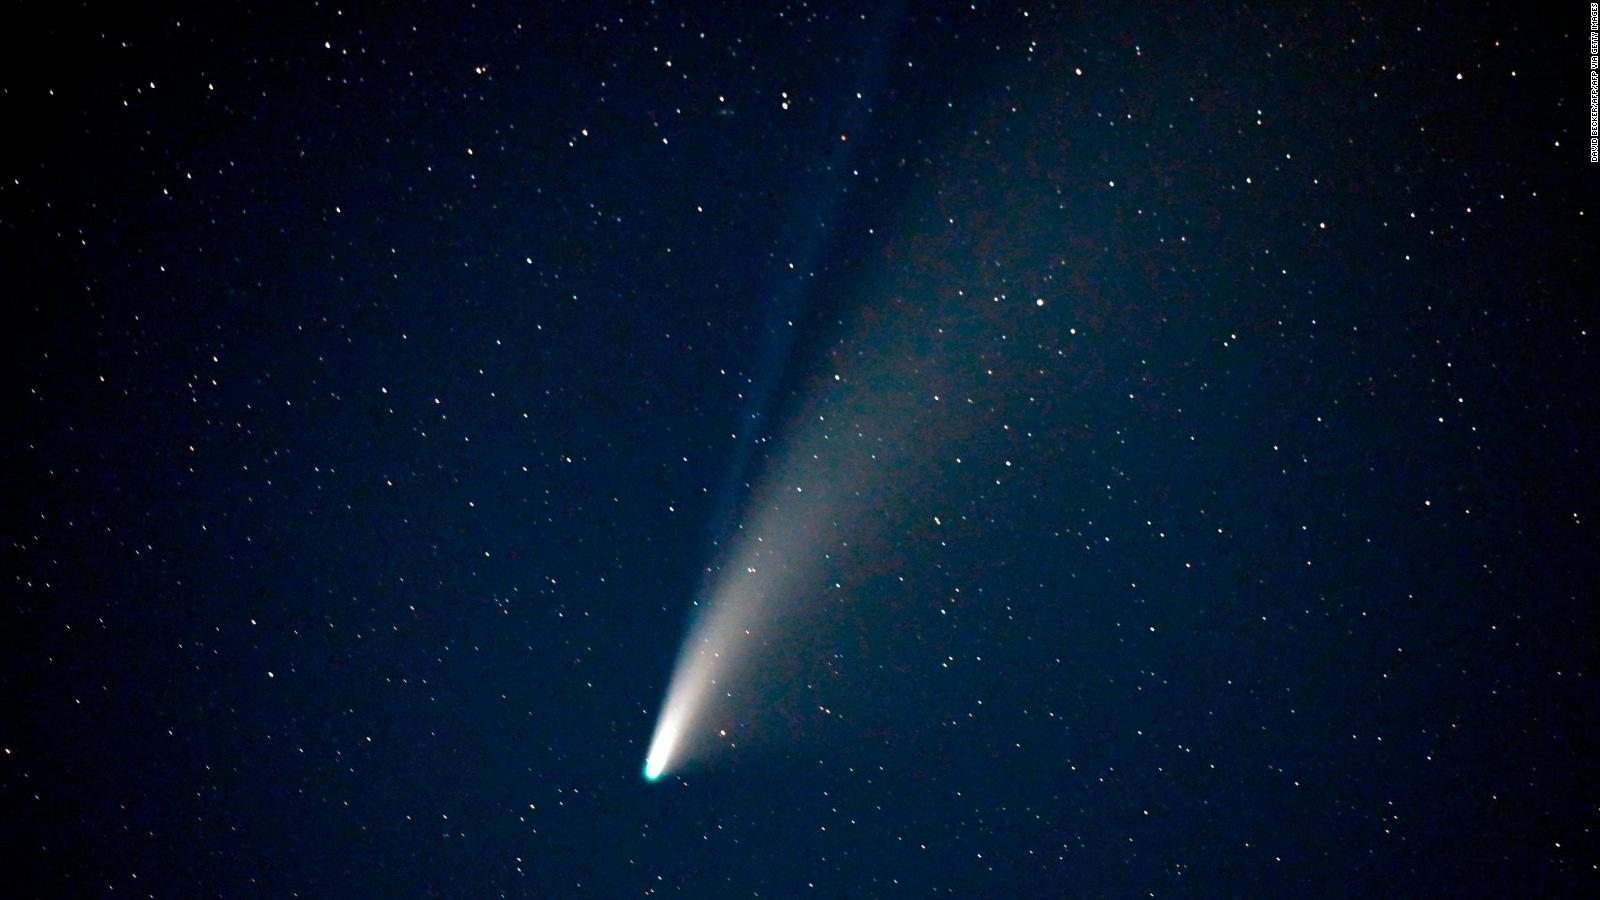 Espectacular Imagen Del Cometa Neowise Desde El Espacio Video Cnn